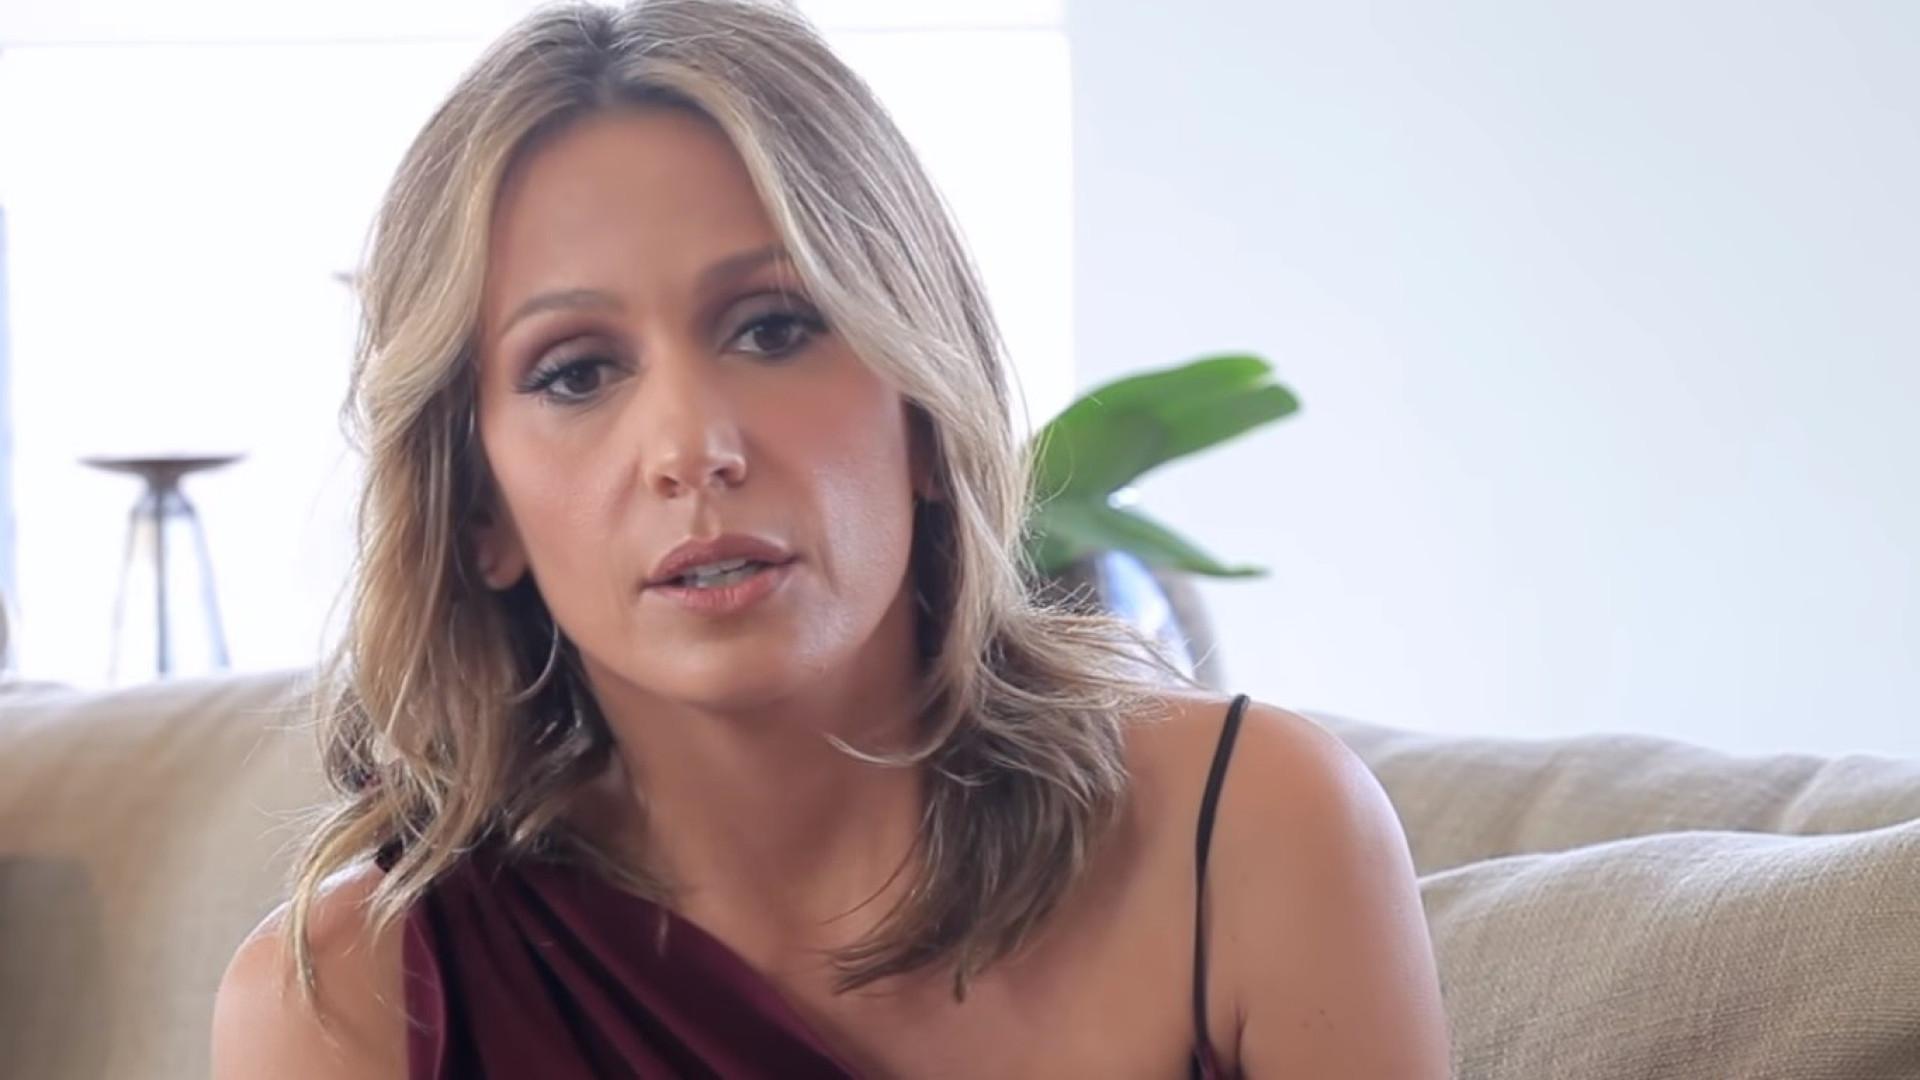 Covid-19: Luísa Mell diz que marido não está melhorando e pede orações